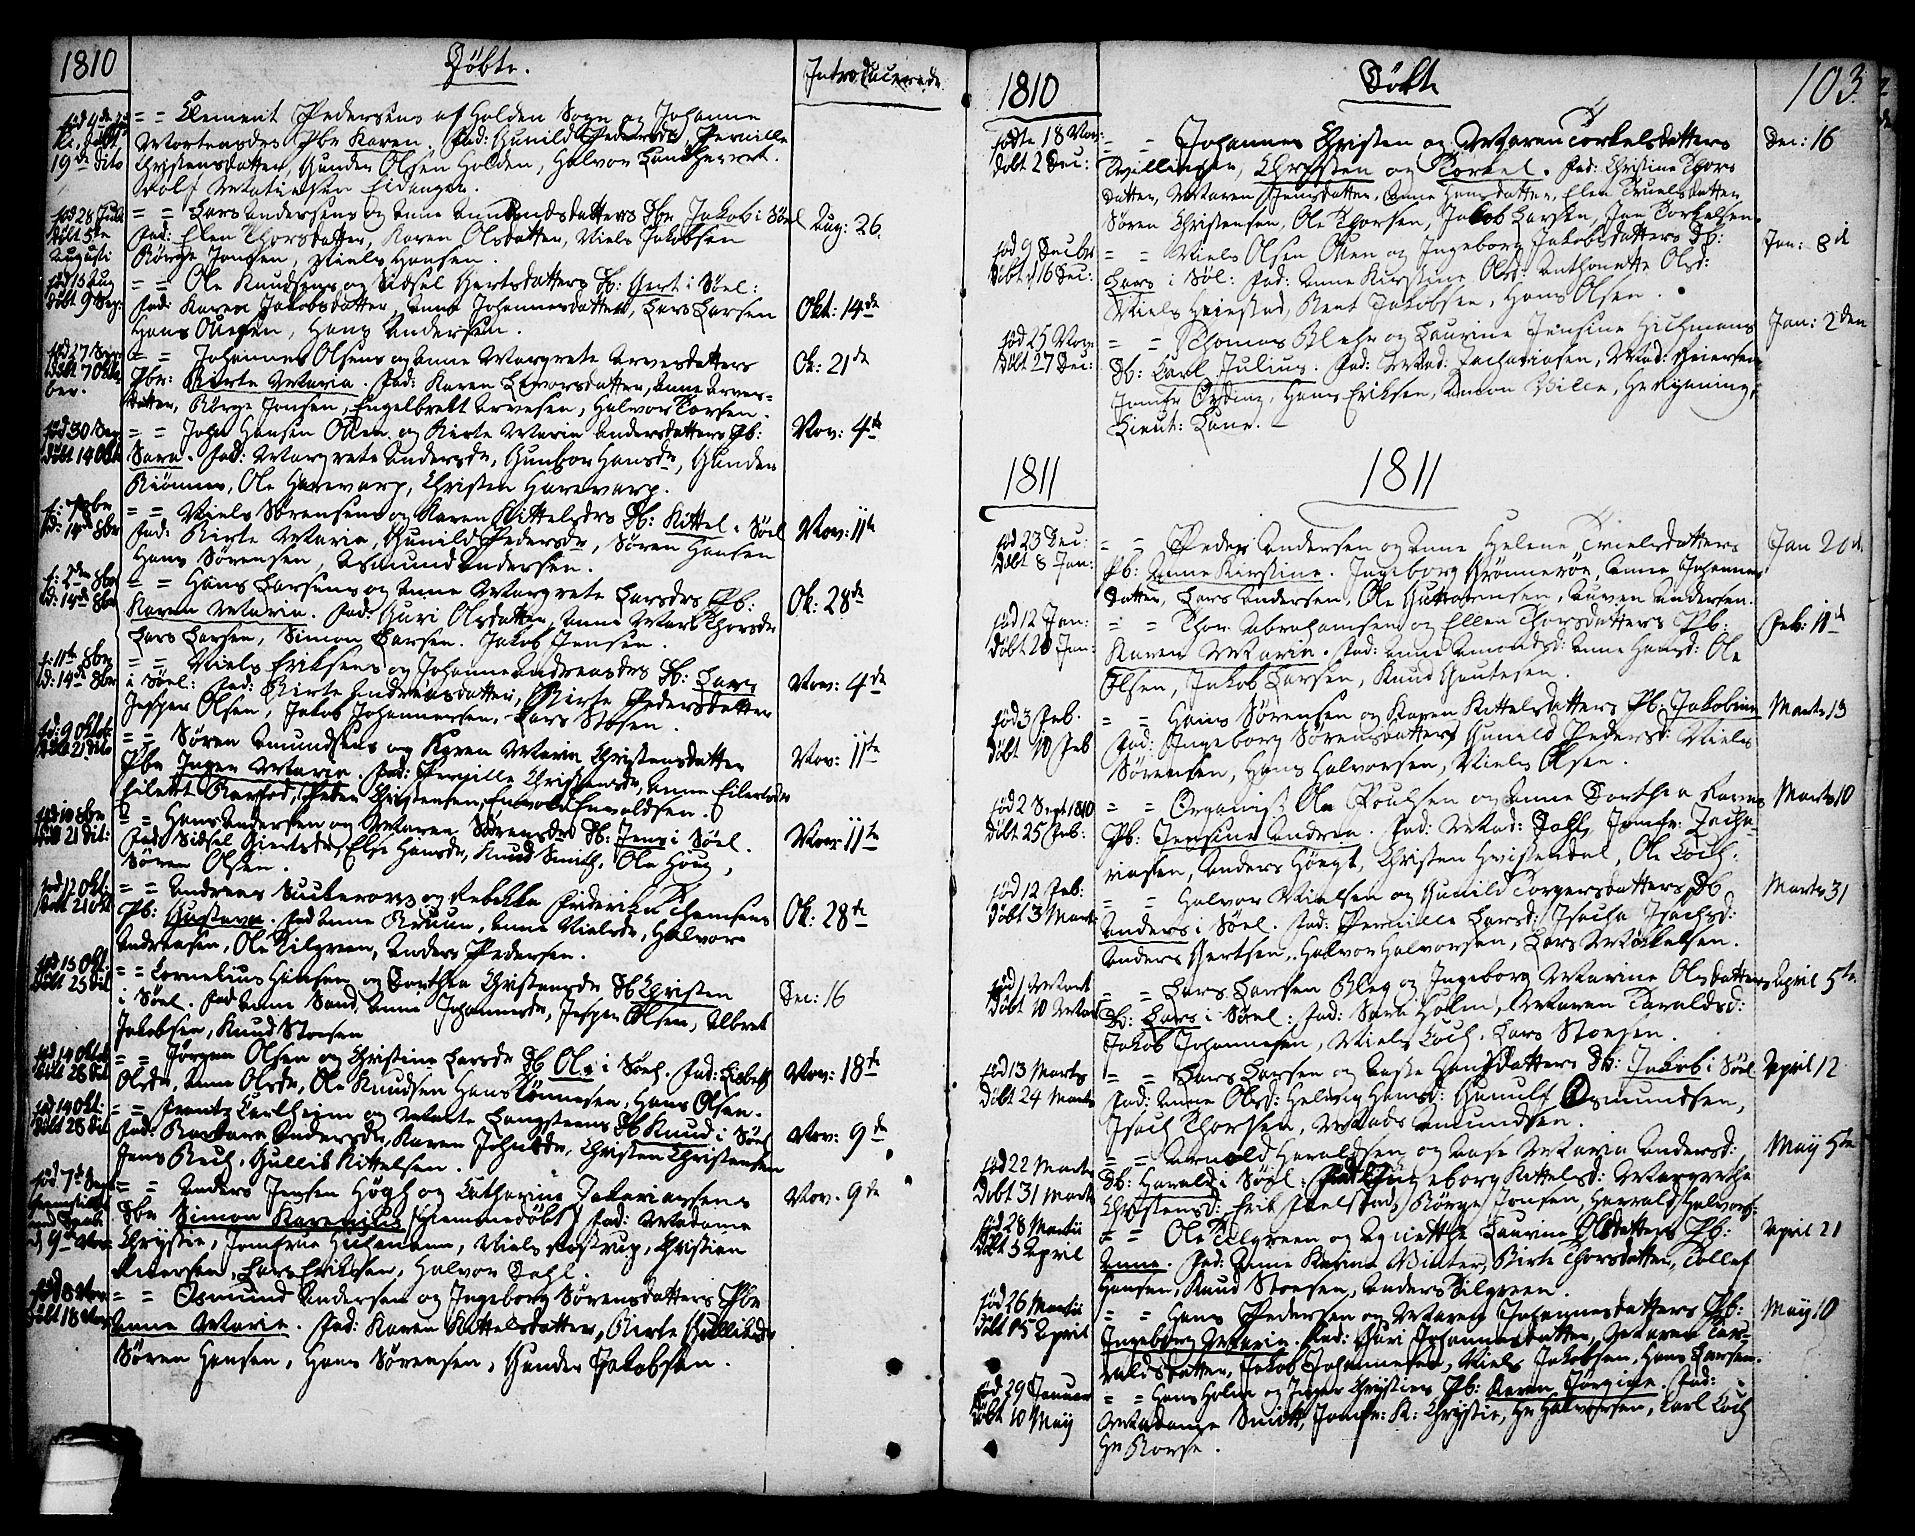 SAKO, Brevik kirkebøker, F/Fa/L0003: Ministerialbok nr. 3, 1764-1814, s. 103